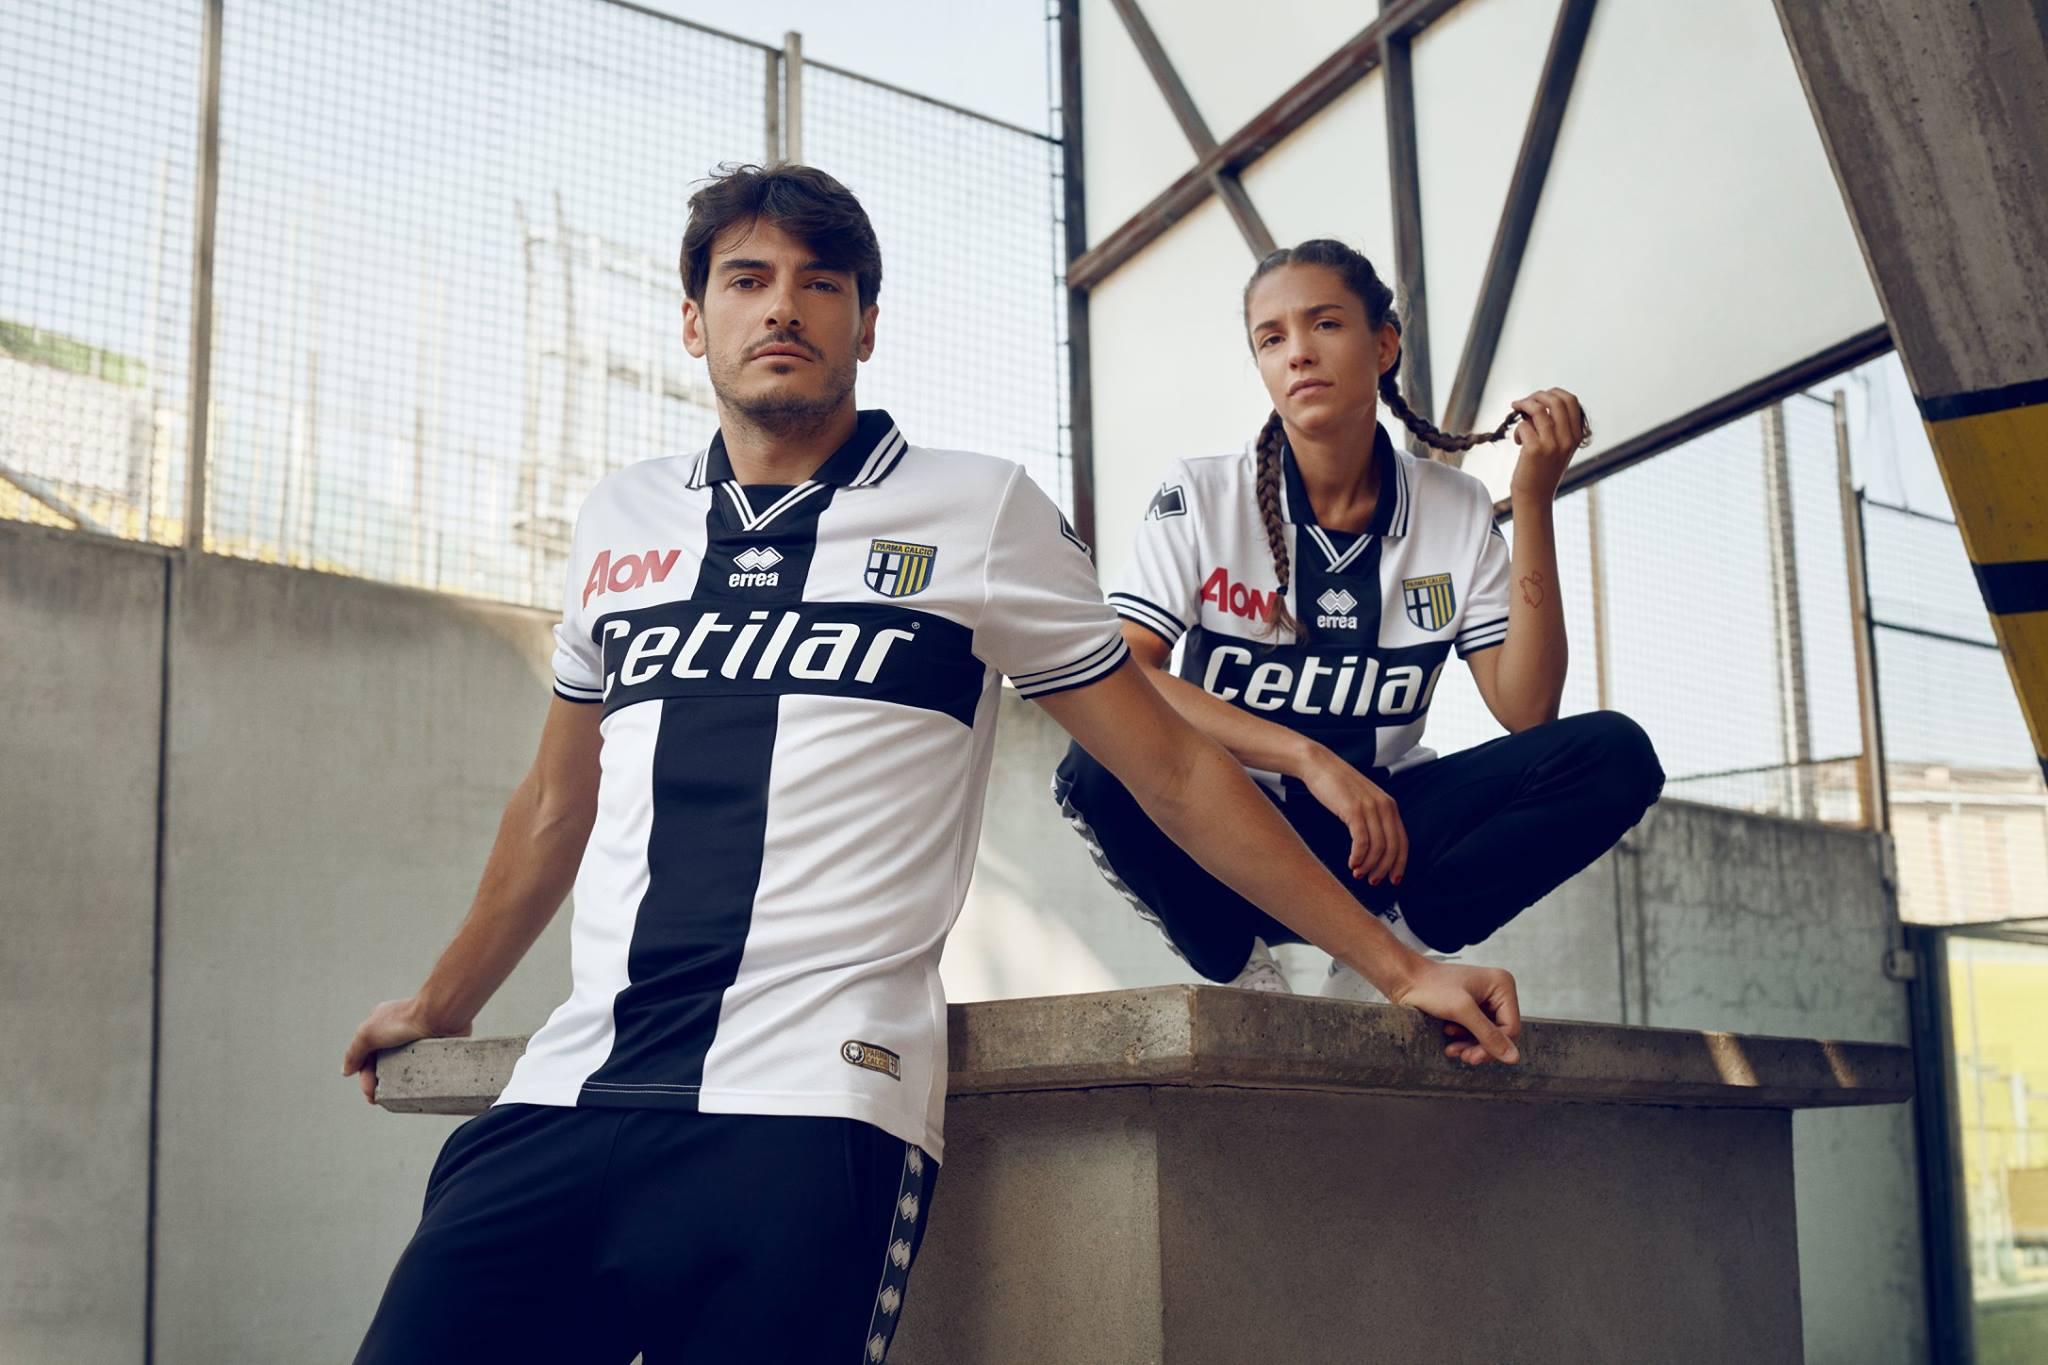 Camisas de times em promoção: Parma